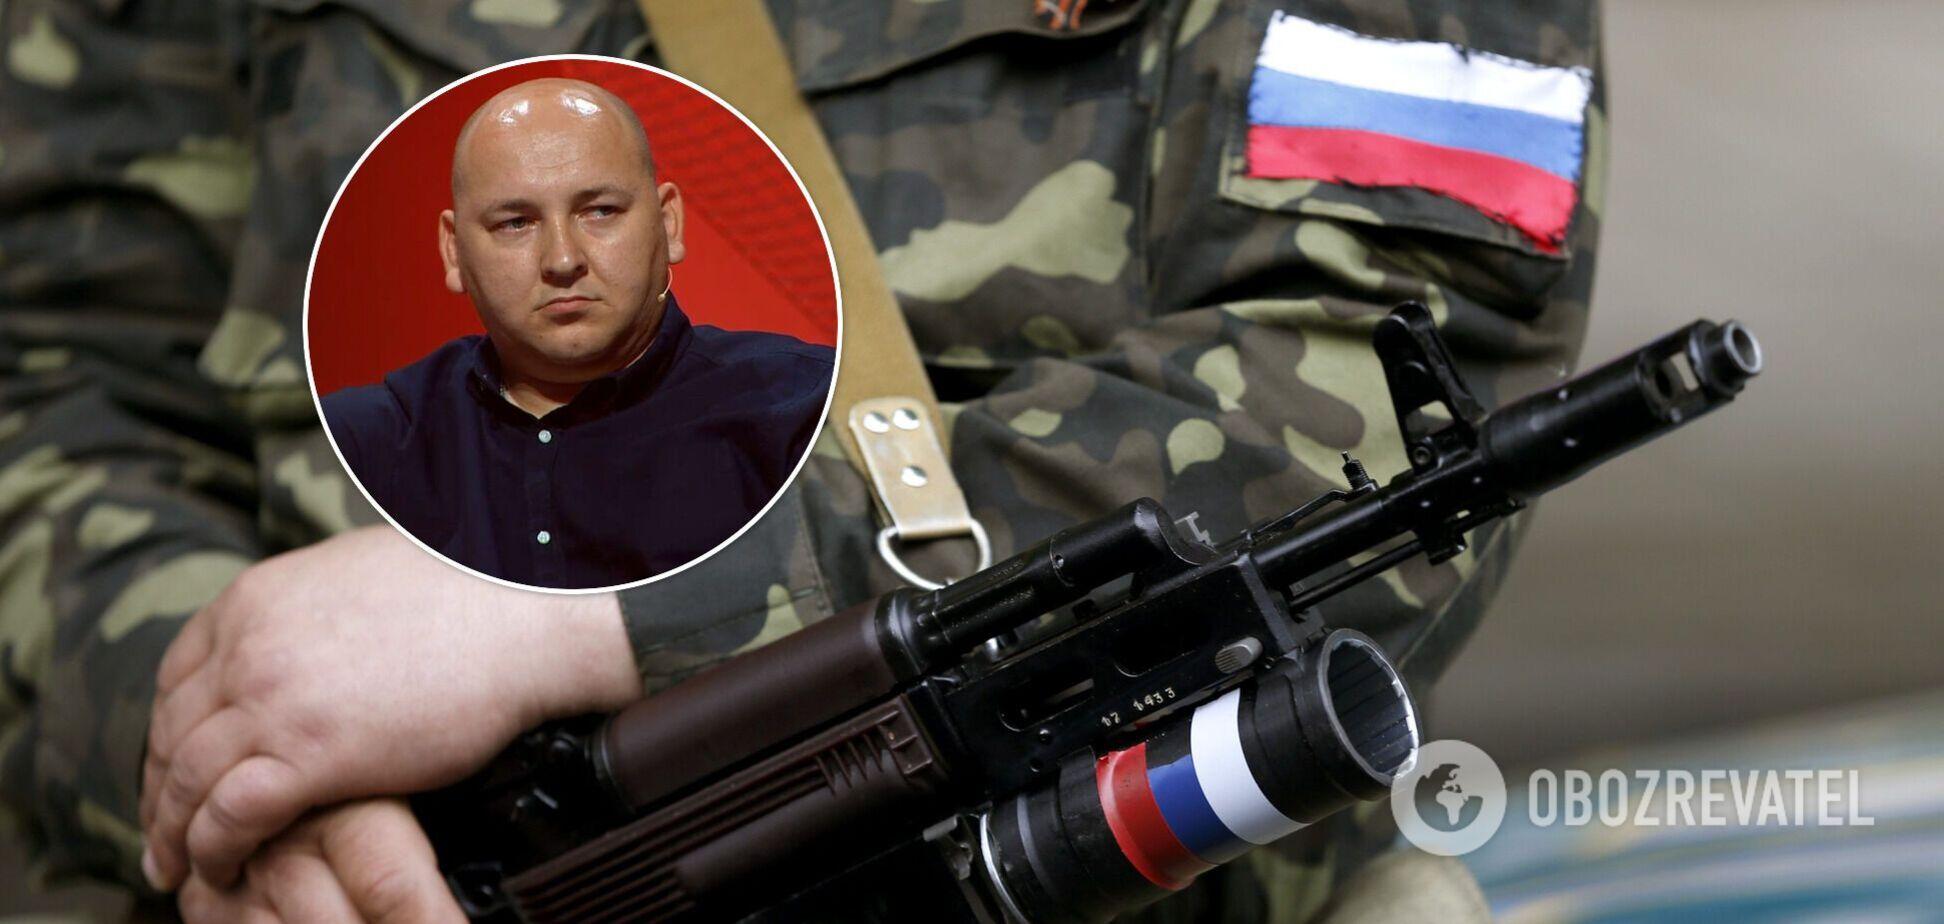 Иван Деев рассказал о плене в ЛНР